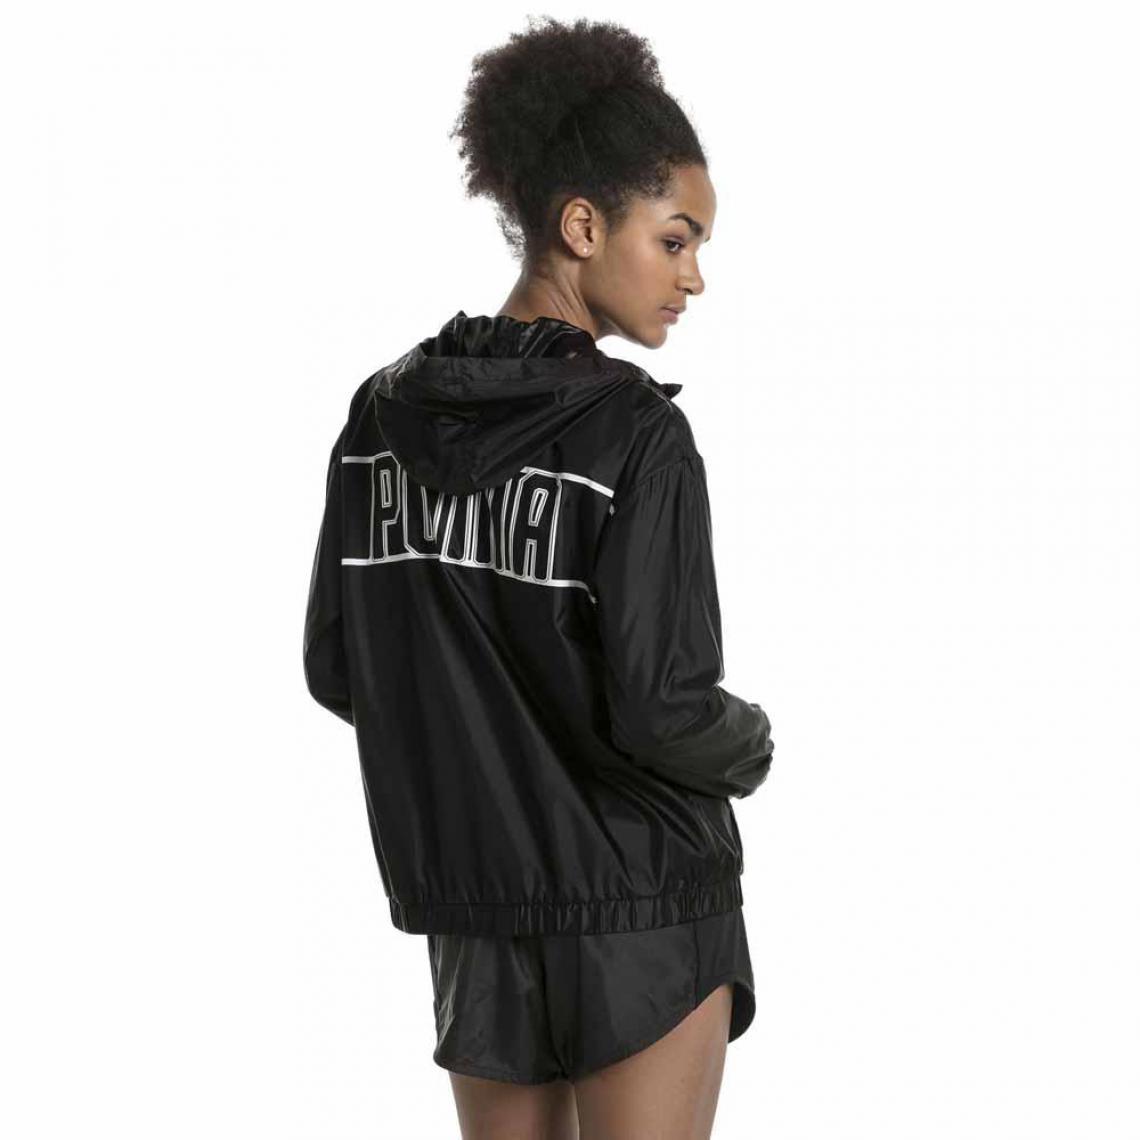 4035bde97d5a0 Veste de sport zippée manches longues à capuche PUMA femme - Noir ...